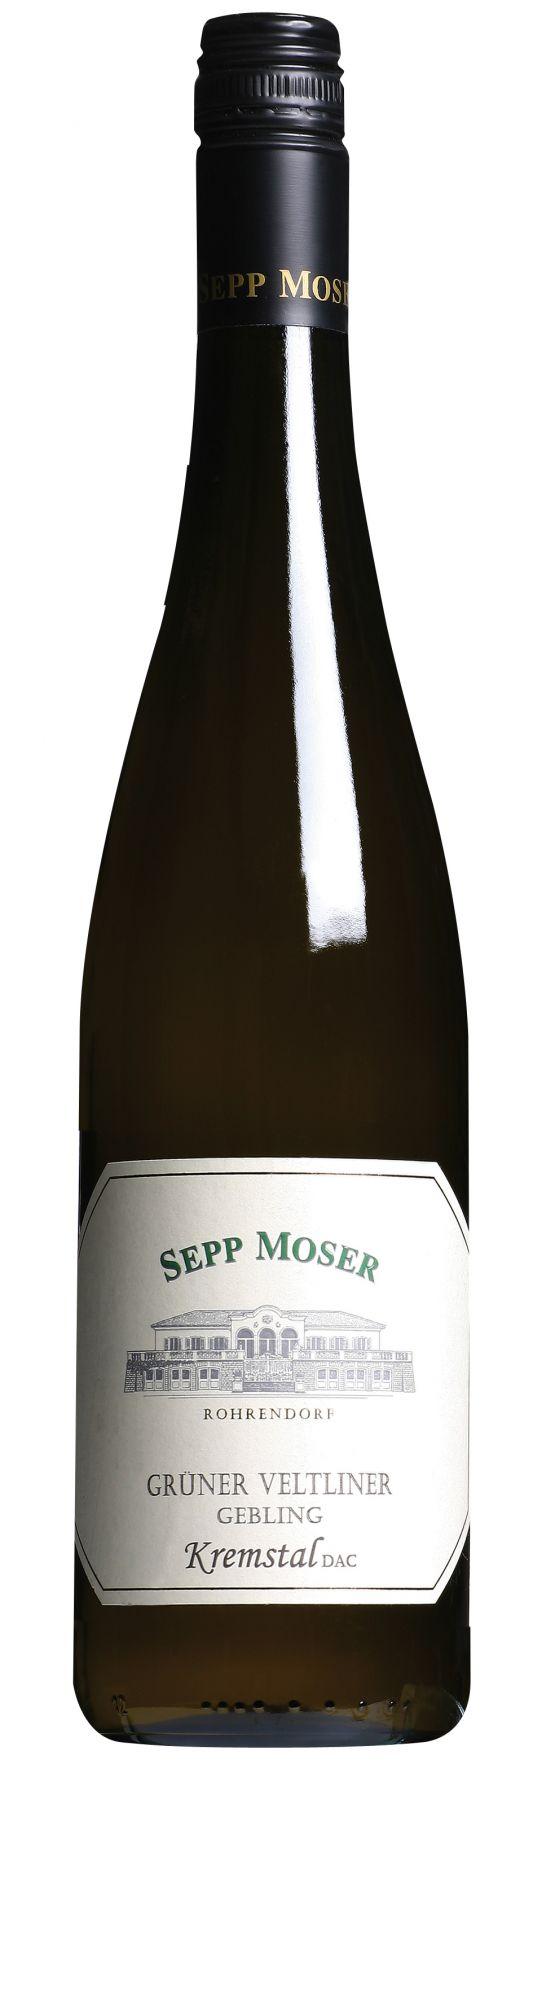 Sepp Moser Kremstal Gebling Grüner Veltliner